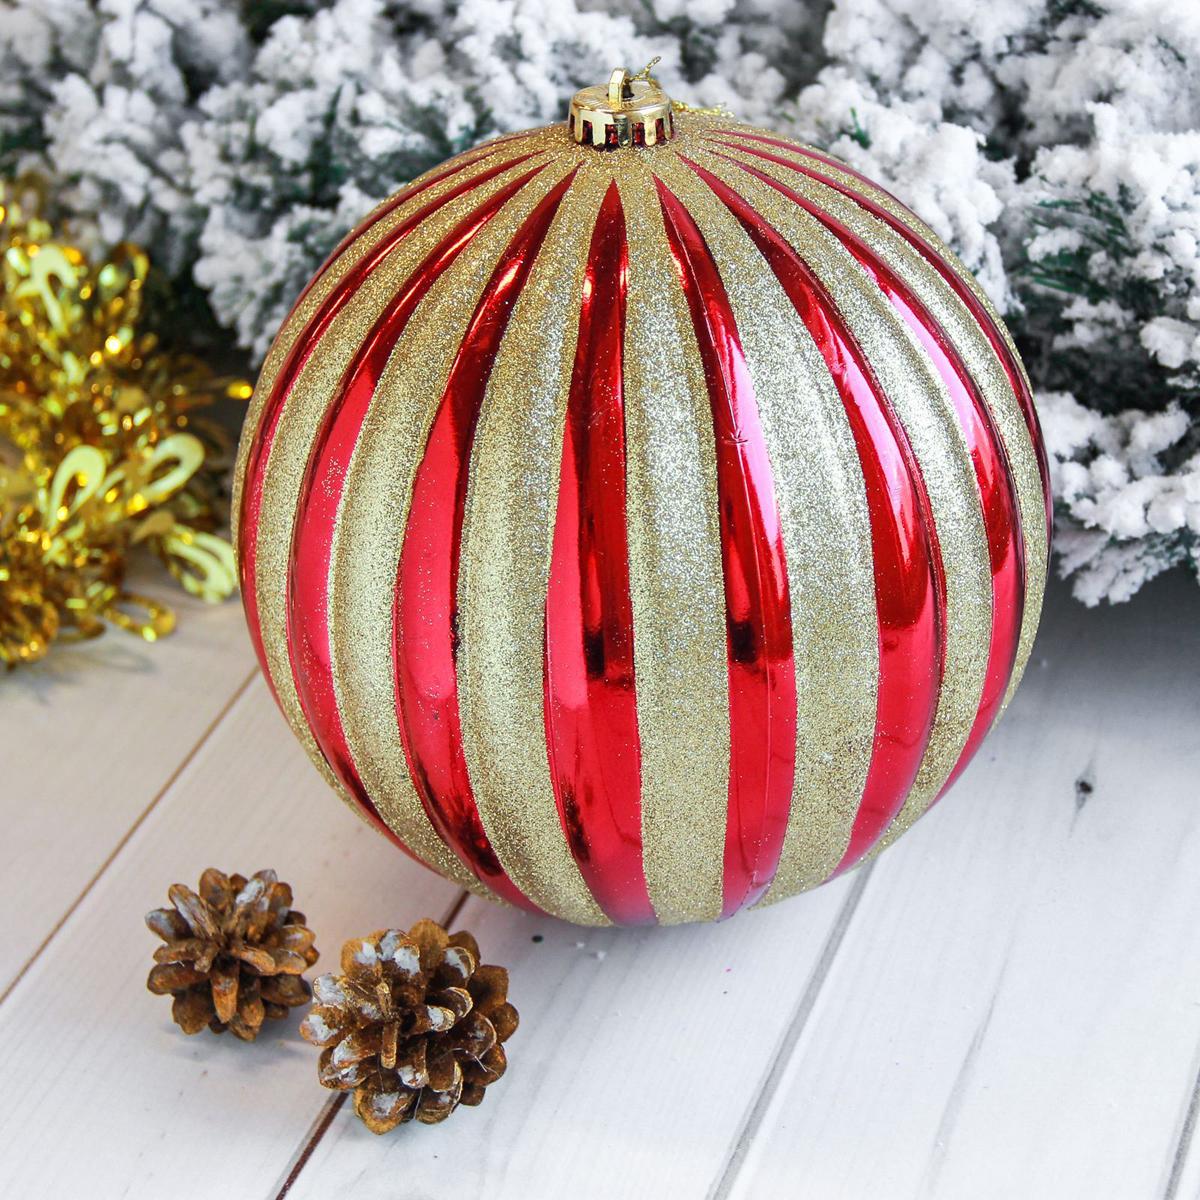 Новогоднее подвесное украшение Sima-land Мега. Полосы, диаметр 20 см. 21229242122924Новогоднее подвесное украшение Sima-land отлично подойдет для декорации вашего дома и новогодней ели. Новогоднее украшение можно повесить в любом понравившемся вам месте. Но, конечно, удачнее всего оно будет смотреться на праздничной елке.Елочная игрушка - символ Нового года. Она несет в себе волшебство и красоту праздника. Такое украшение создаст в вашем доме атмосферу праздника, веселья и радости.